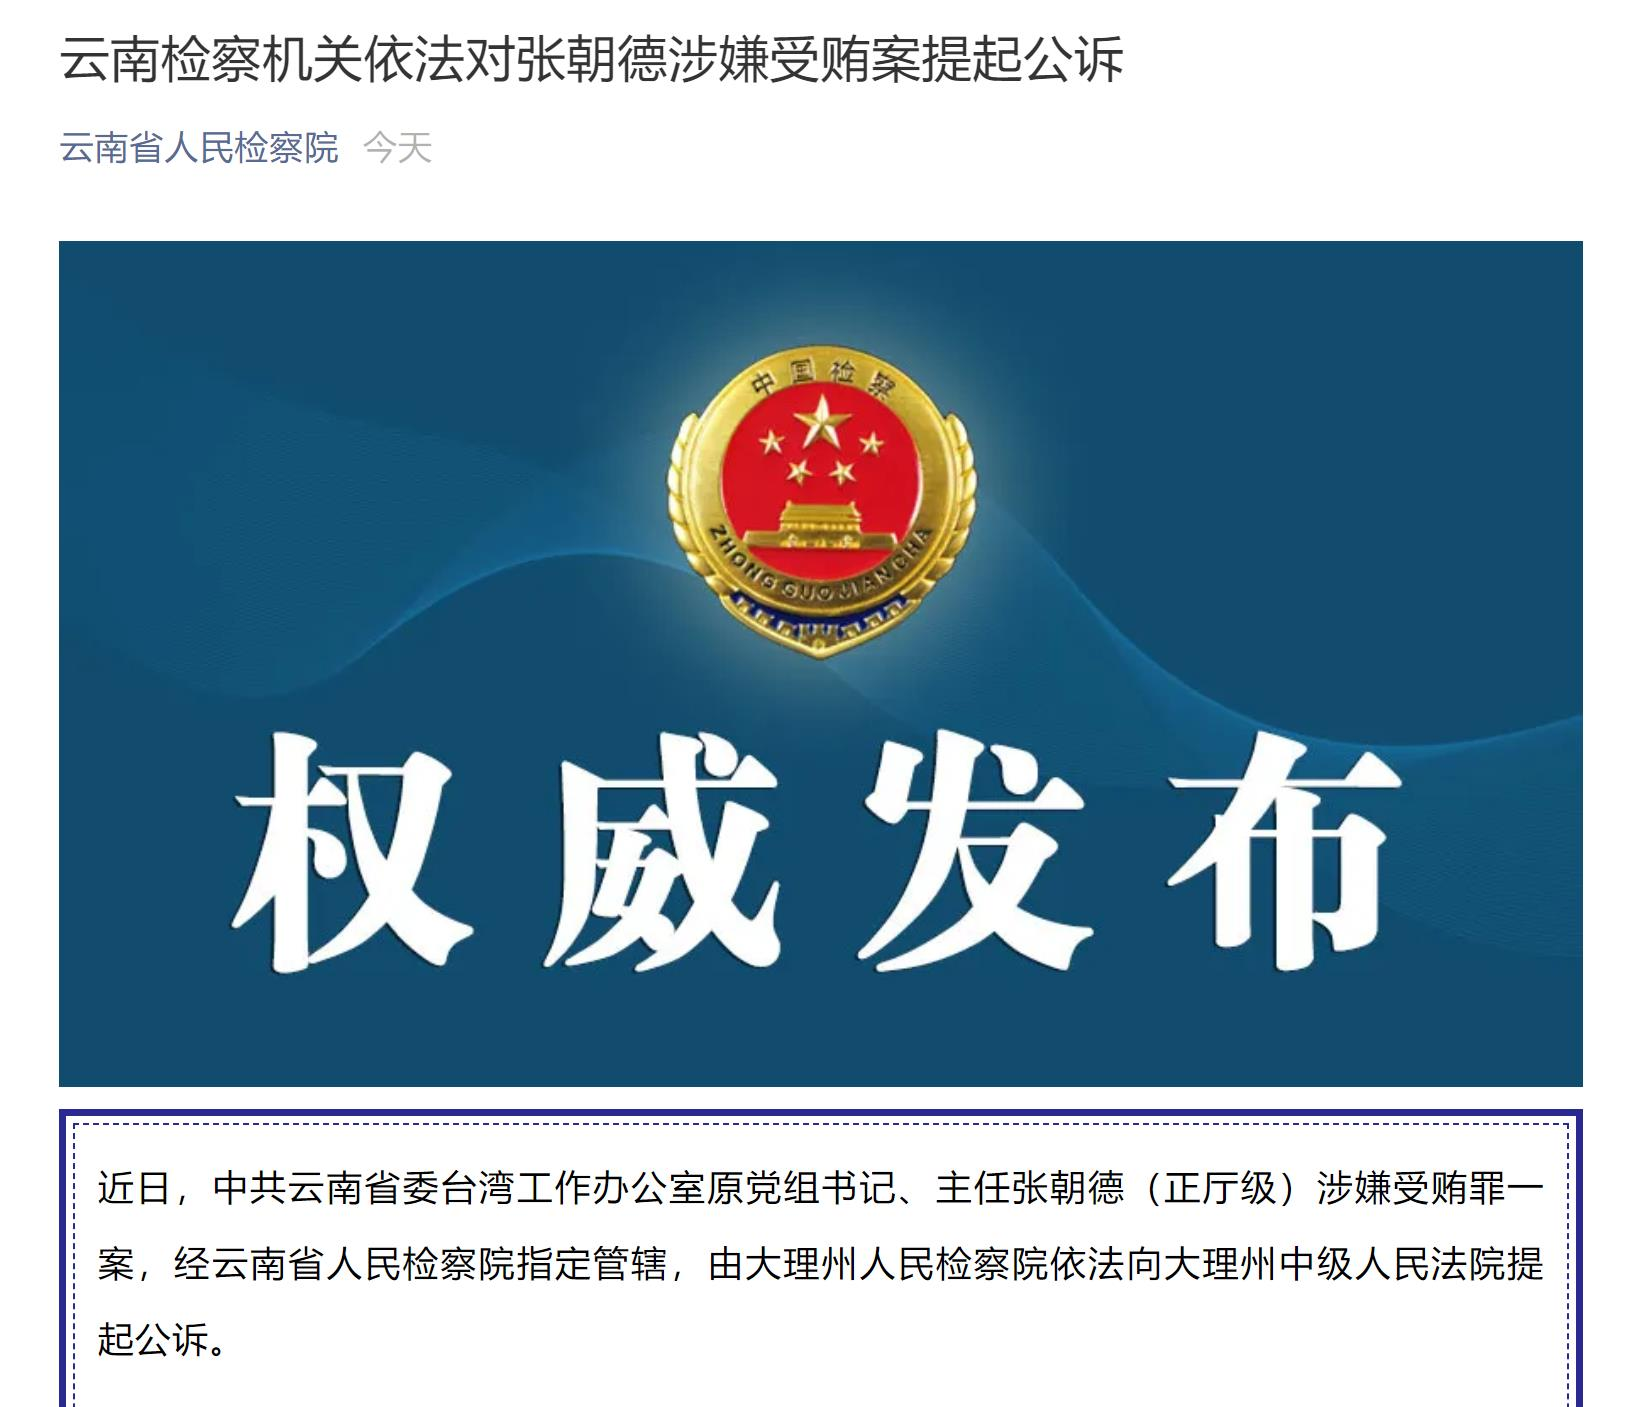 云南检察机关依法对张朝德涉嫌受贿案提起公诉图片